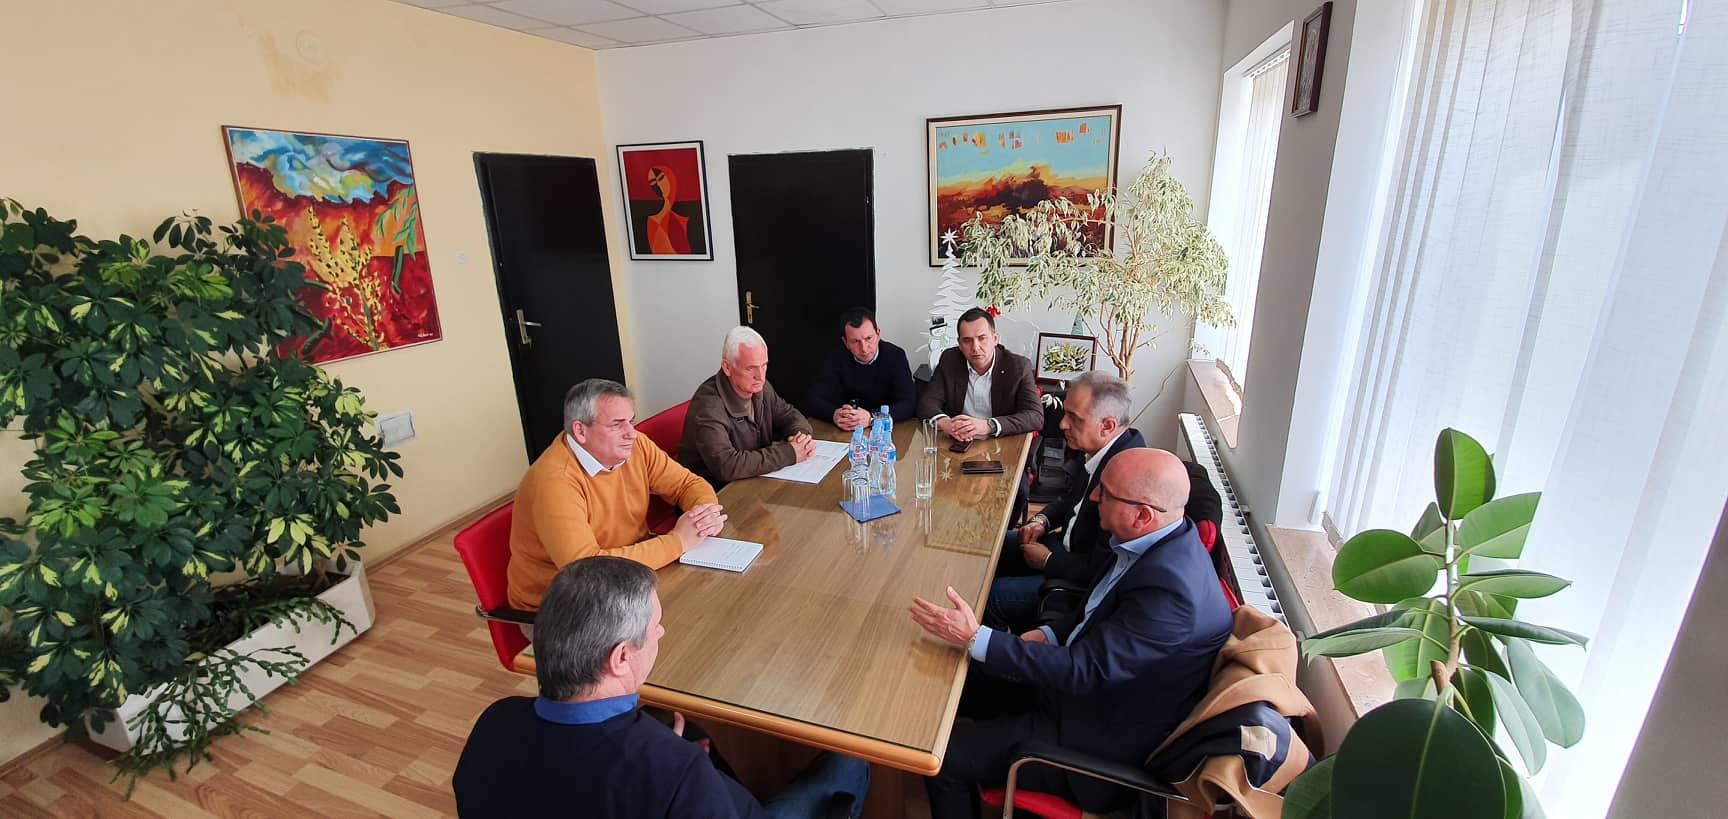 Градоначалникот Ногачески оствари работна средба со министерот Димковски и директорот Бабоски